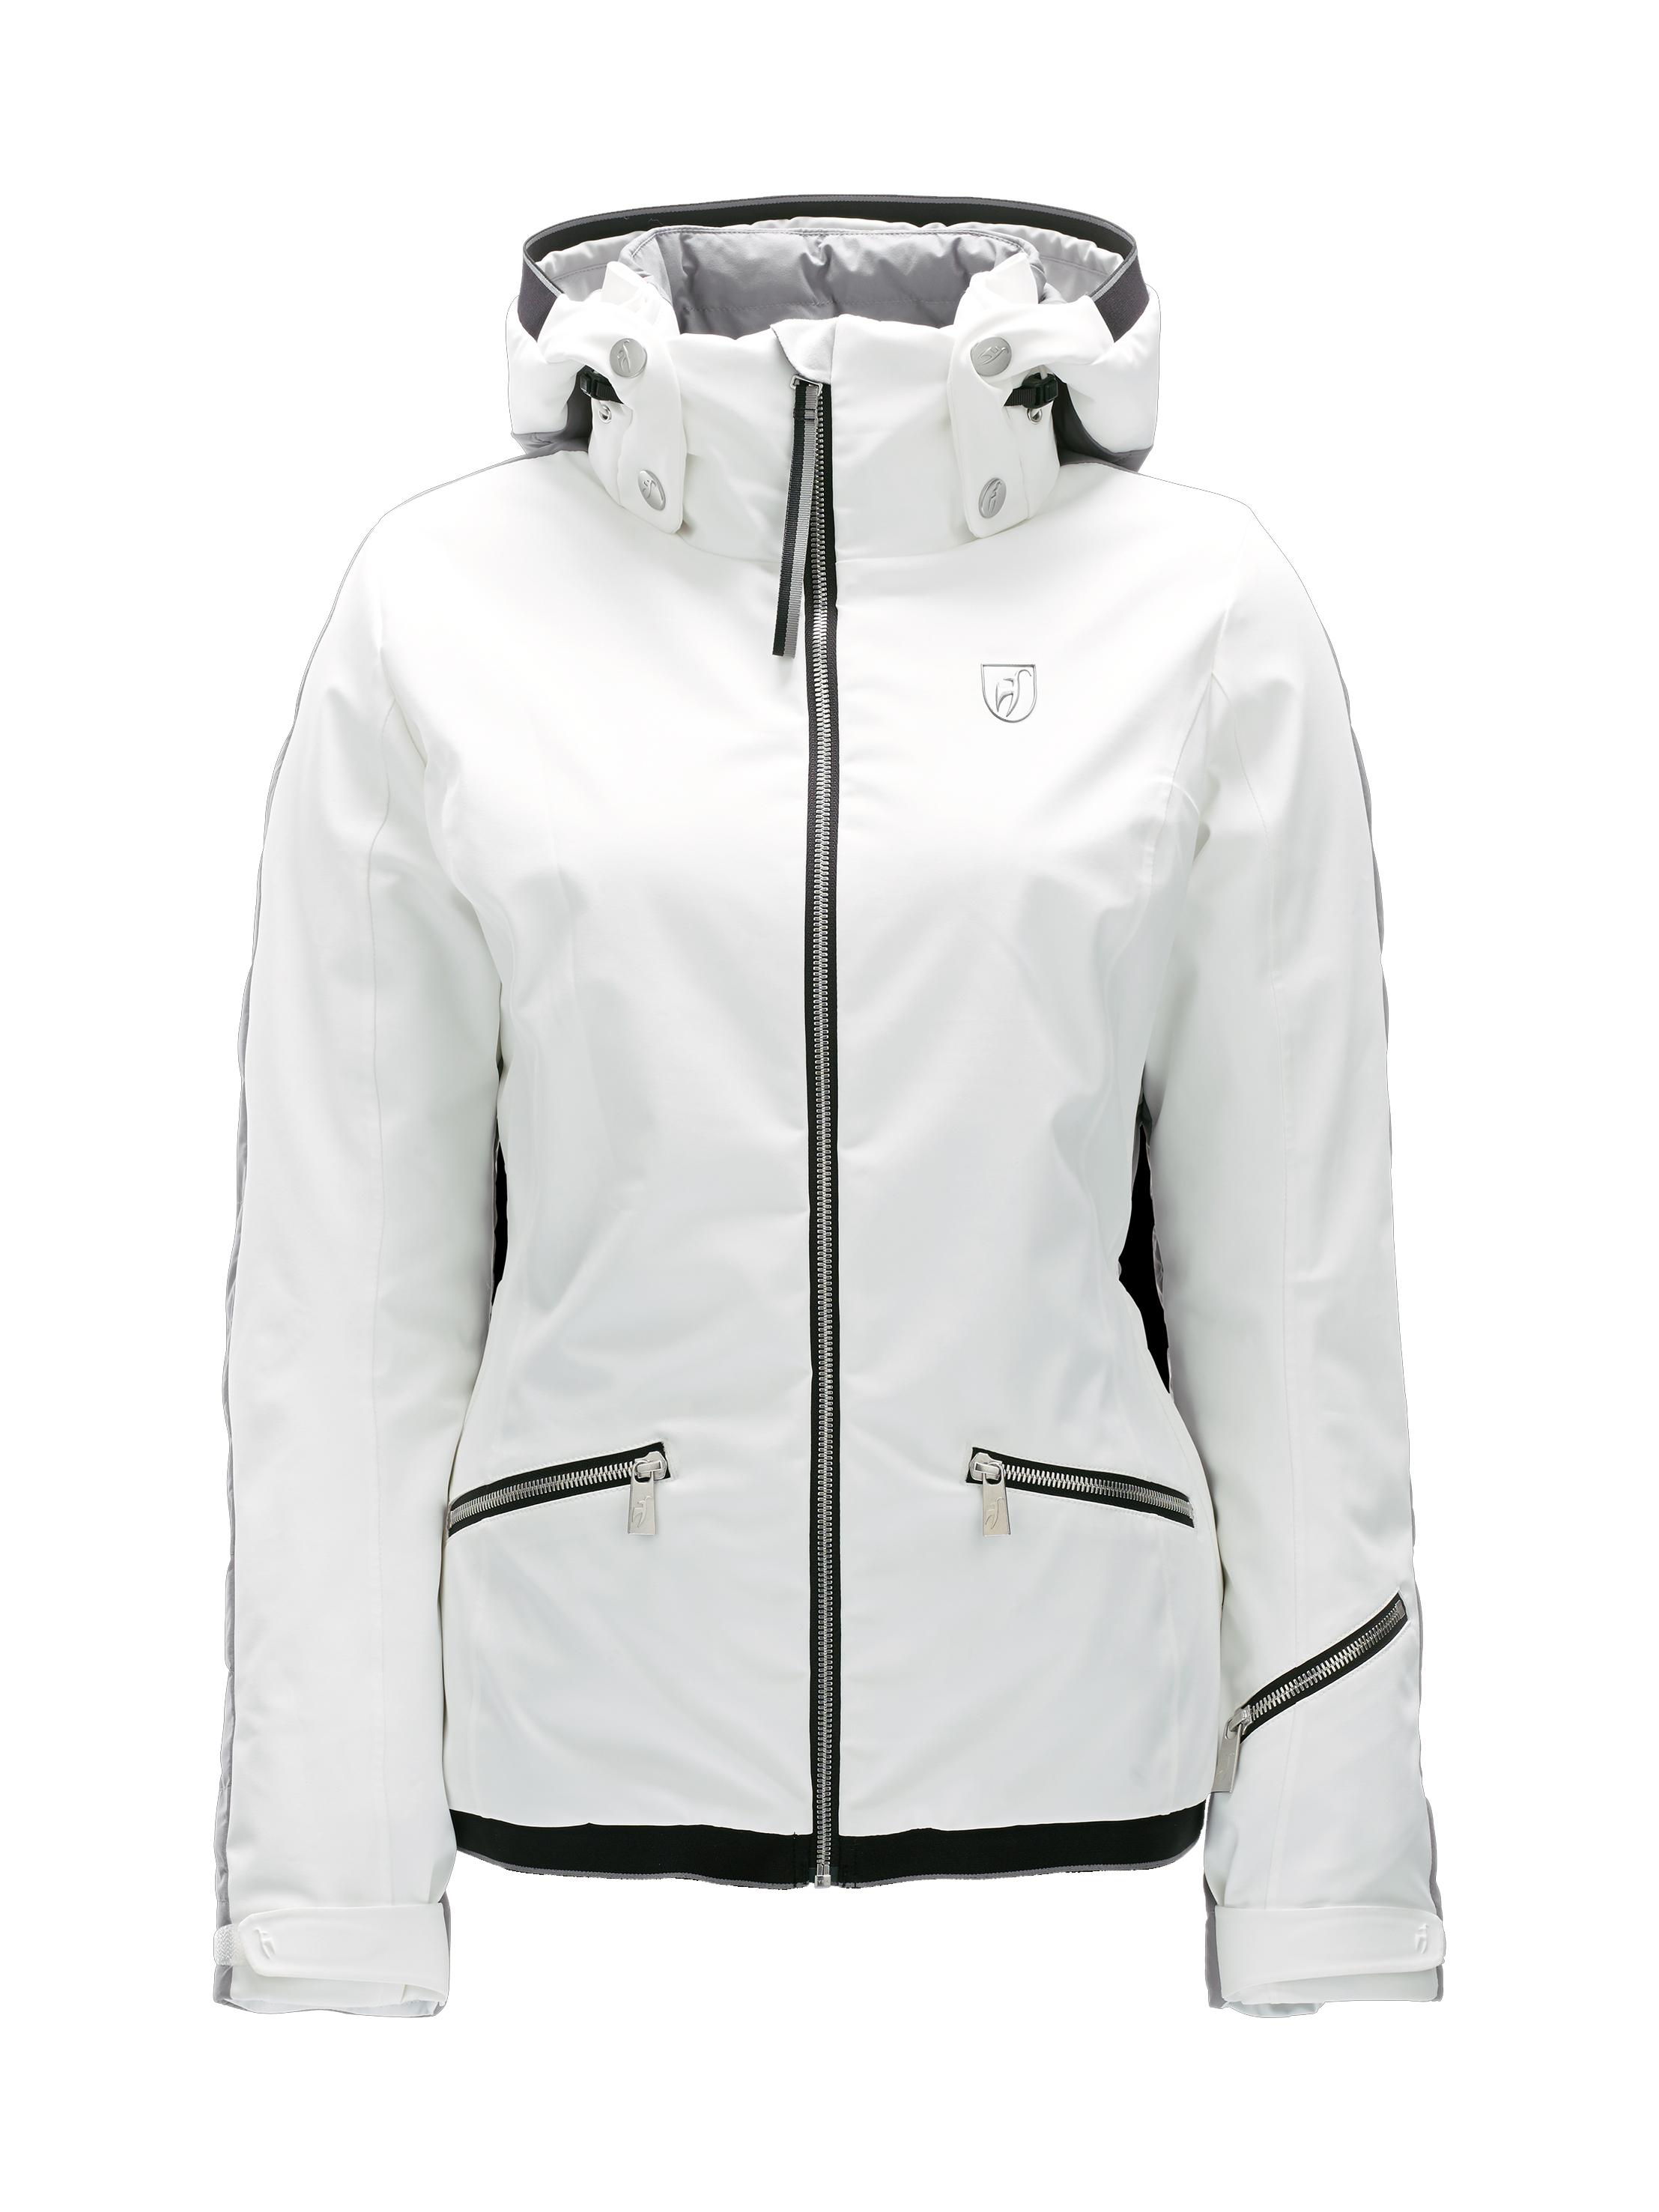 Купить Куртка горнолыжная TONI SAILER 2015-16 EDDA bright white Одежда 1217685